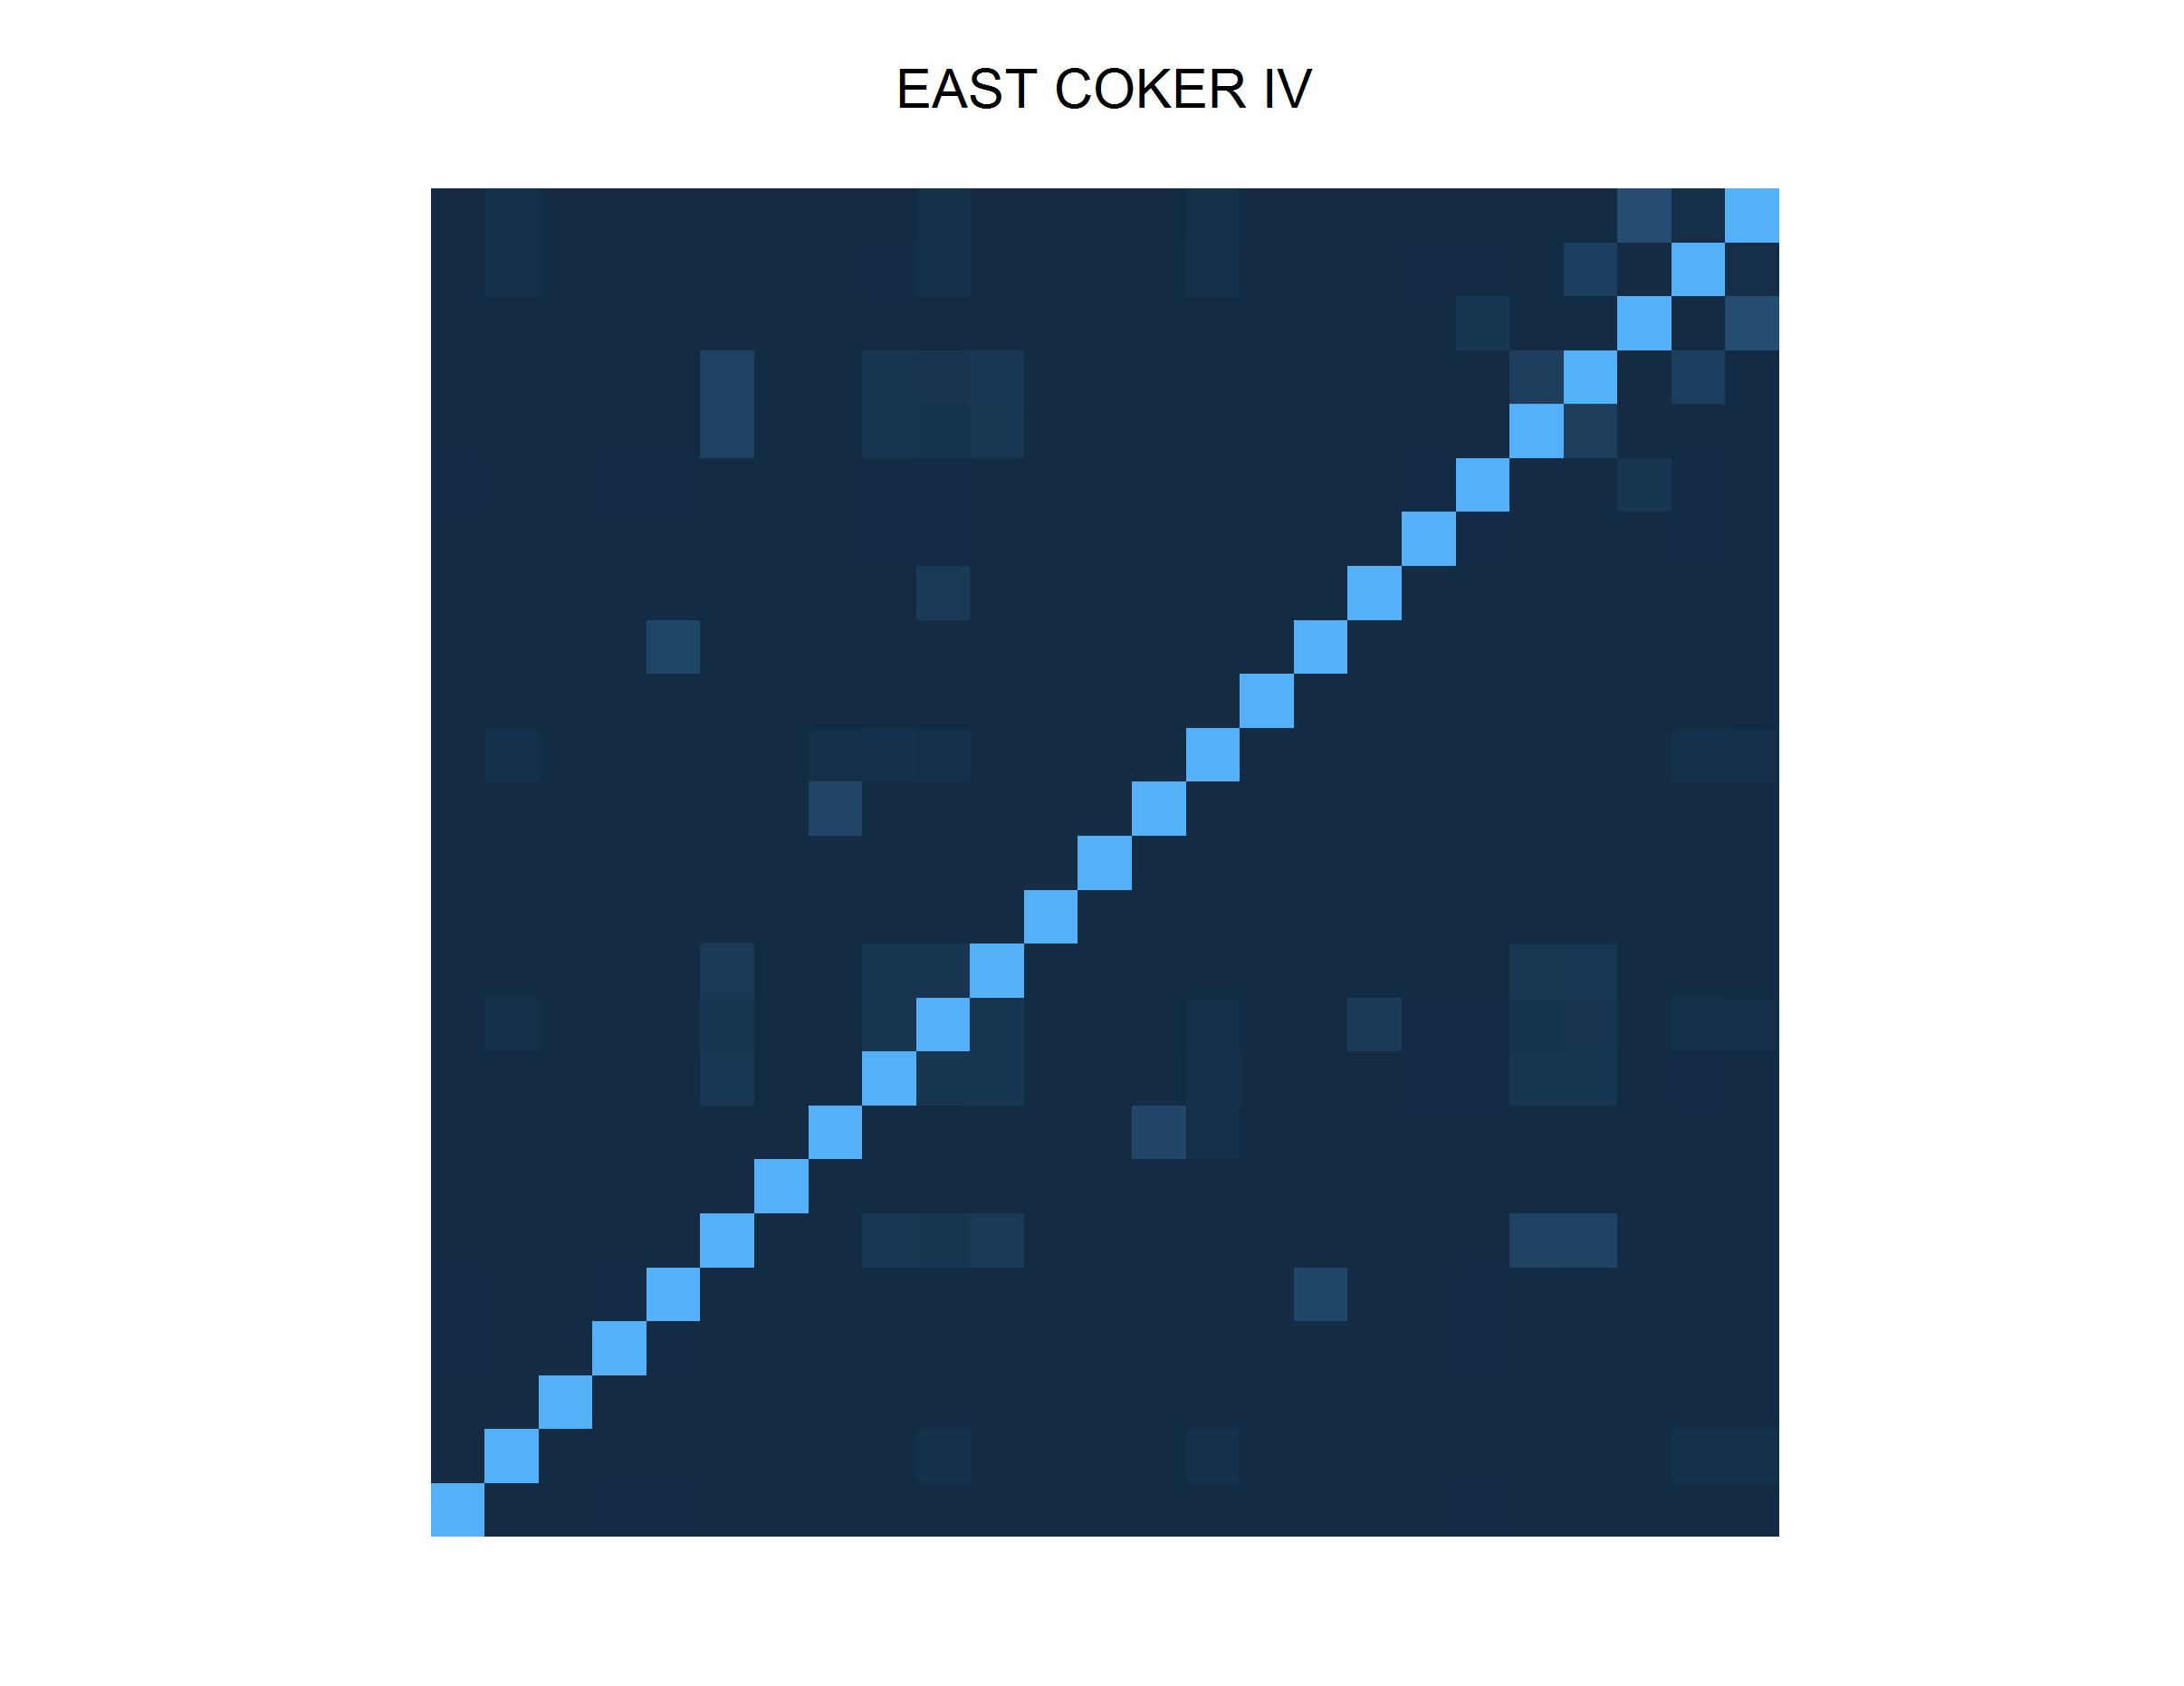 East Coker IV